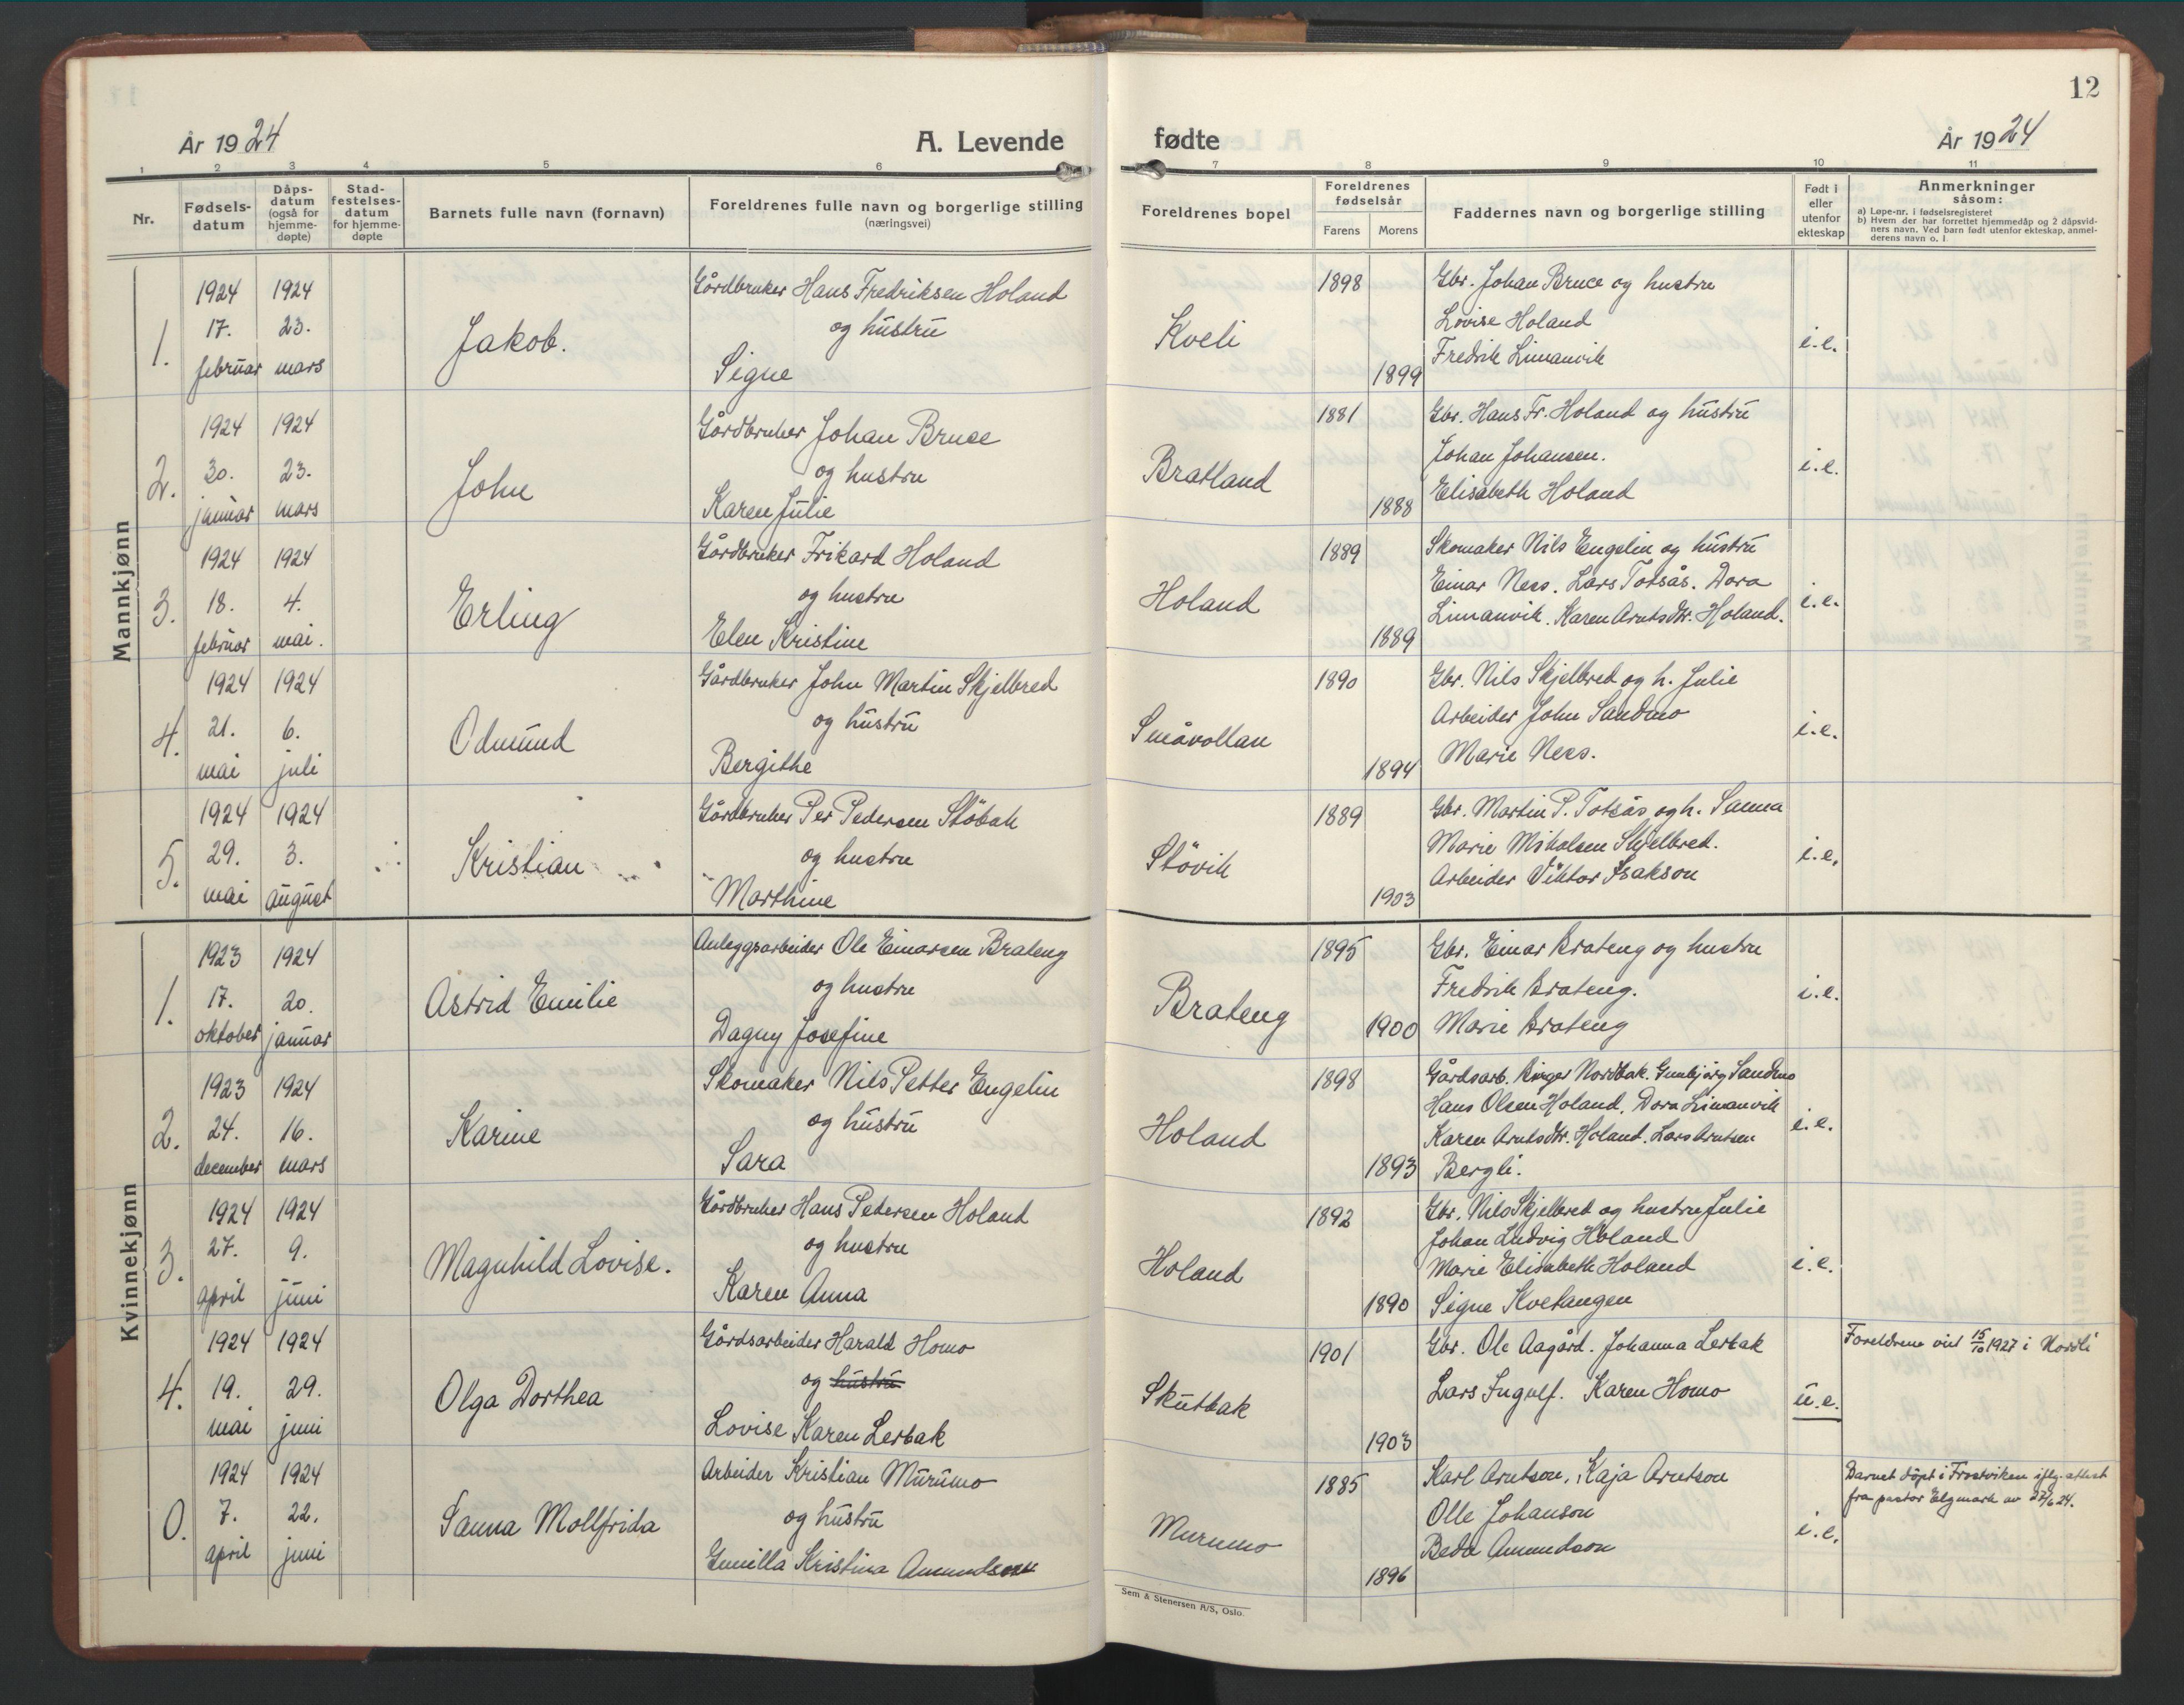 SAT, Ministerialprotokoller, klokkerbøker og fødselsregistre - Nord-Trøndelag, 755/L0500: Klokkerbok nr. 755C01, 1920-1962, s. 12